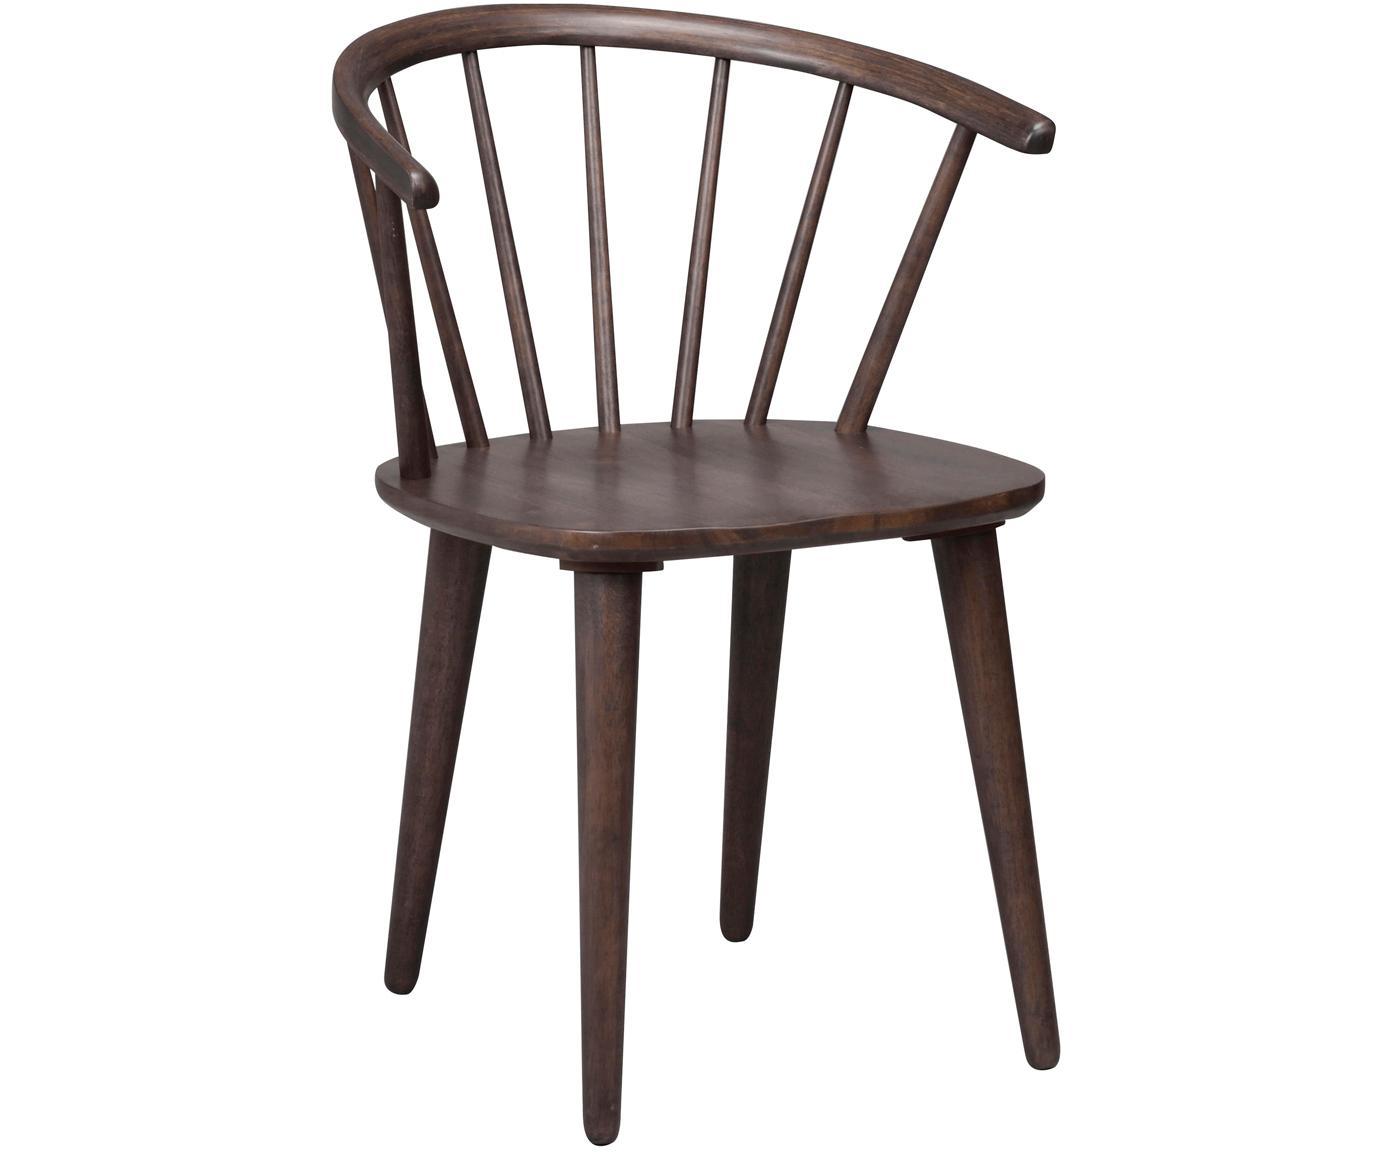 Krzesło z podłokietnikami z drewna  Windsor Carmen, 2 szt., Drewno kauczukowe, barwione, lakierowane, Ciemnybrązowy z widoczną strukturą drewna, S 54 x W 76 cm